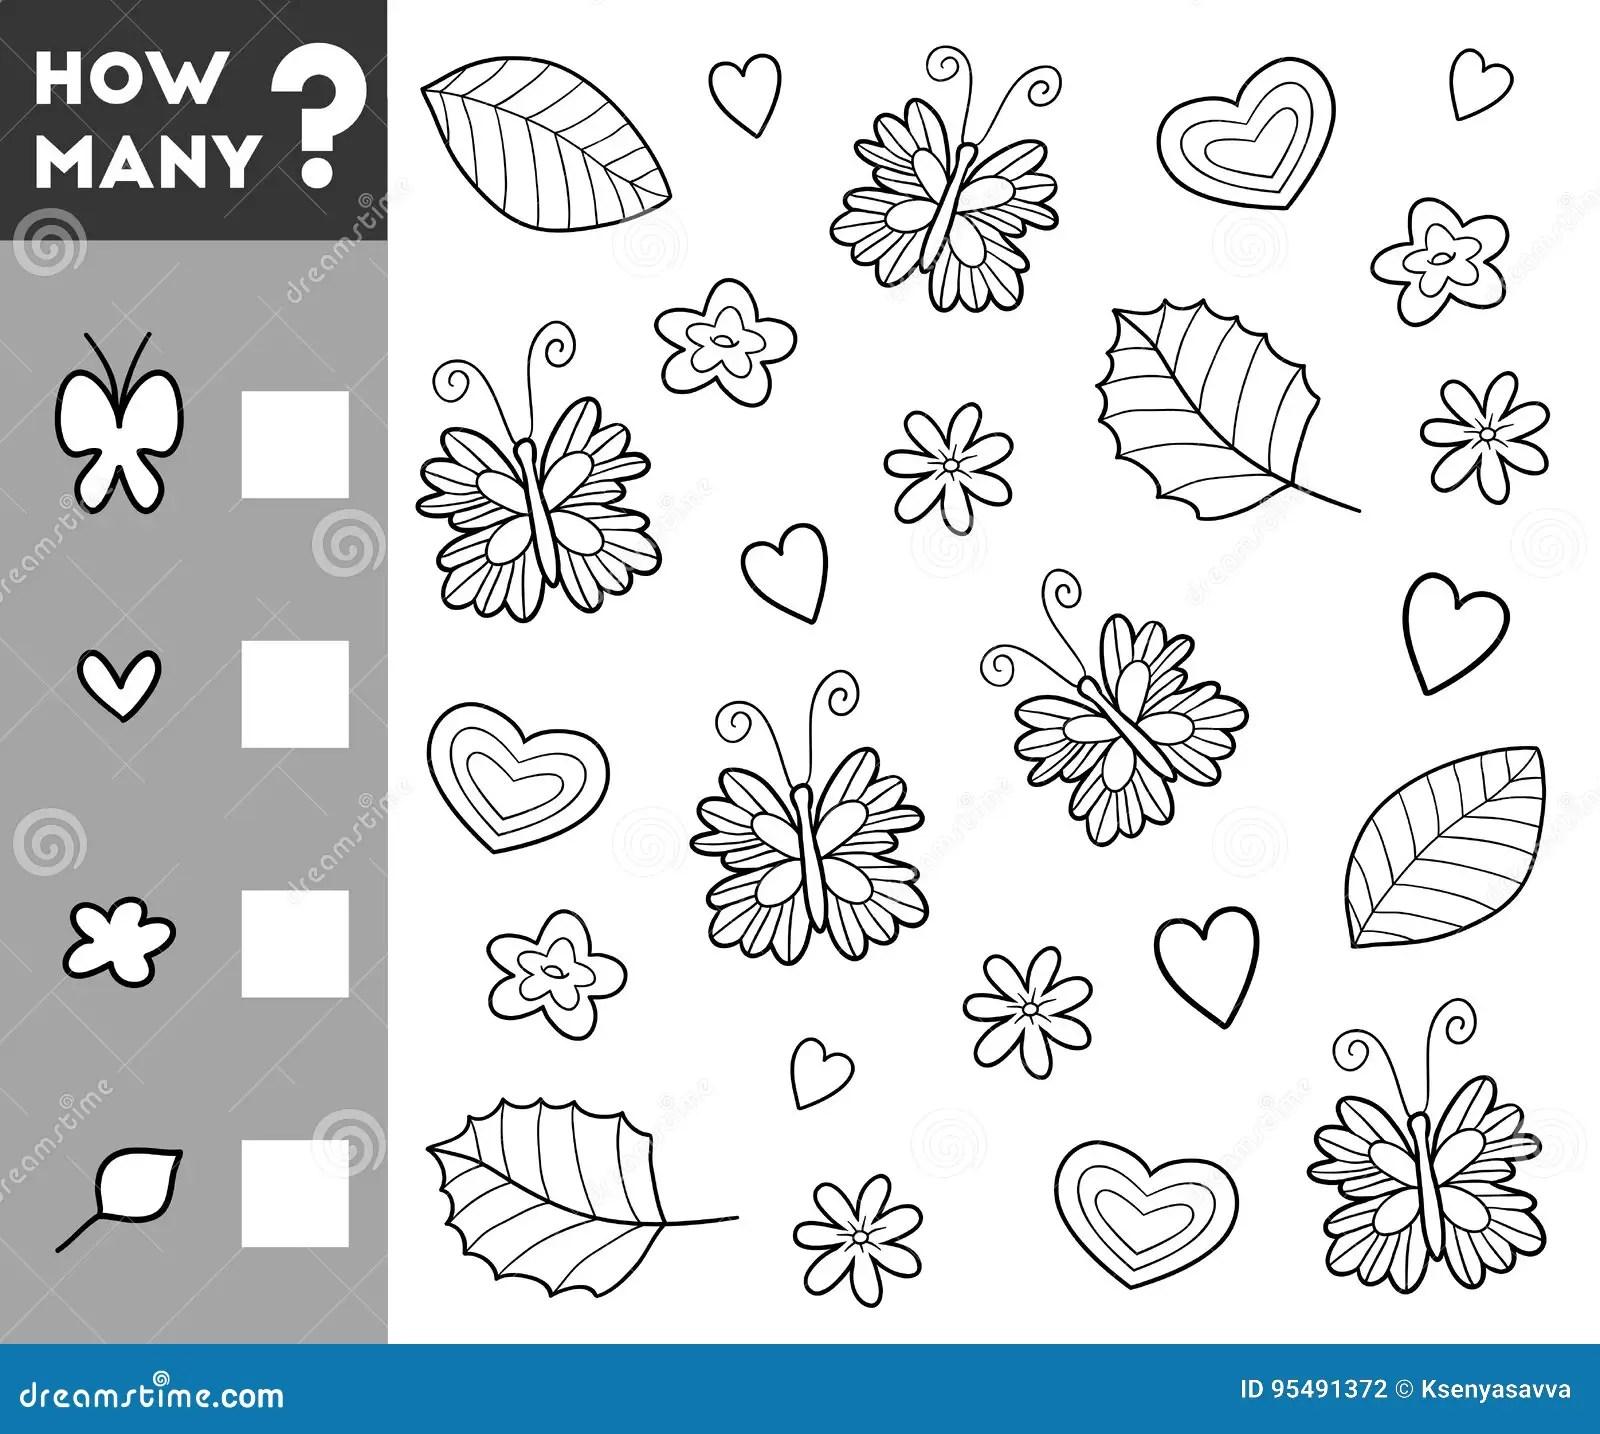 Cuenta Del Juego Para Los Ninos Preescolares Cuente Cuantos Objetos Ilustracion Del Vector